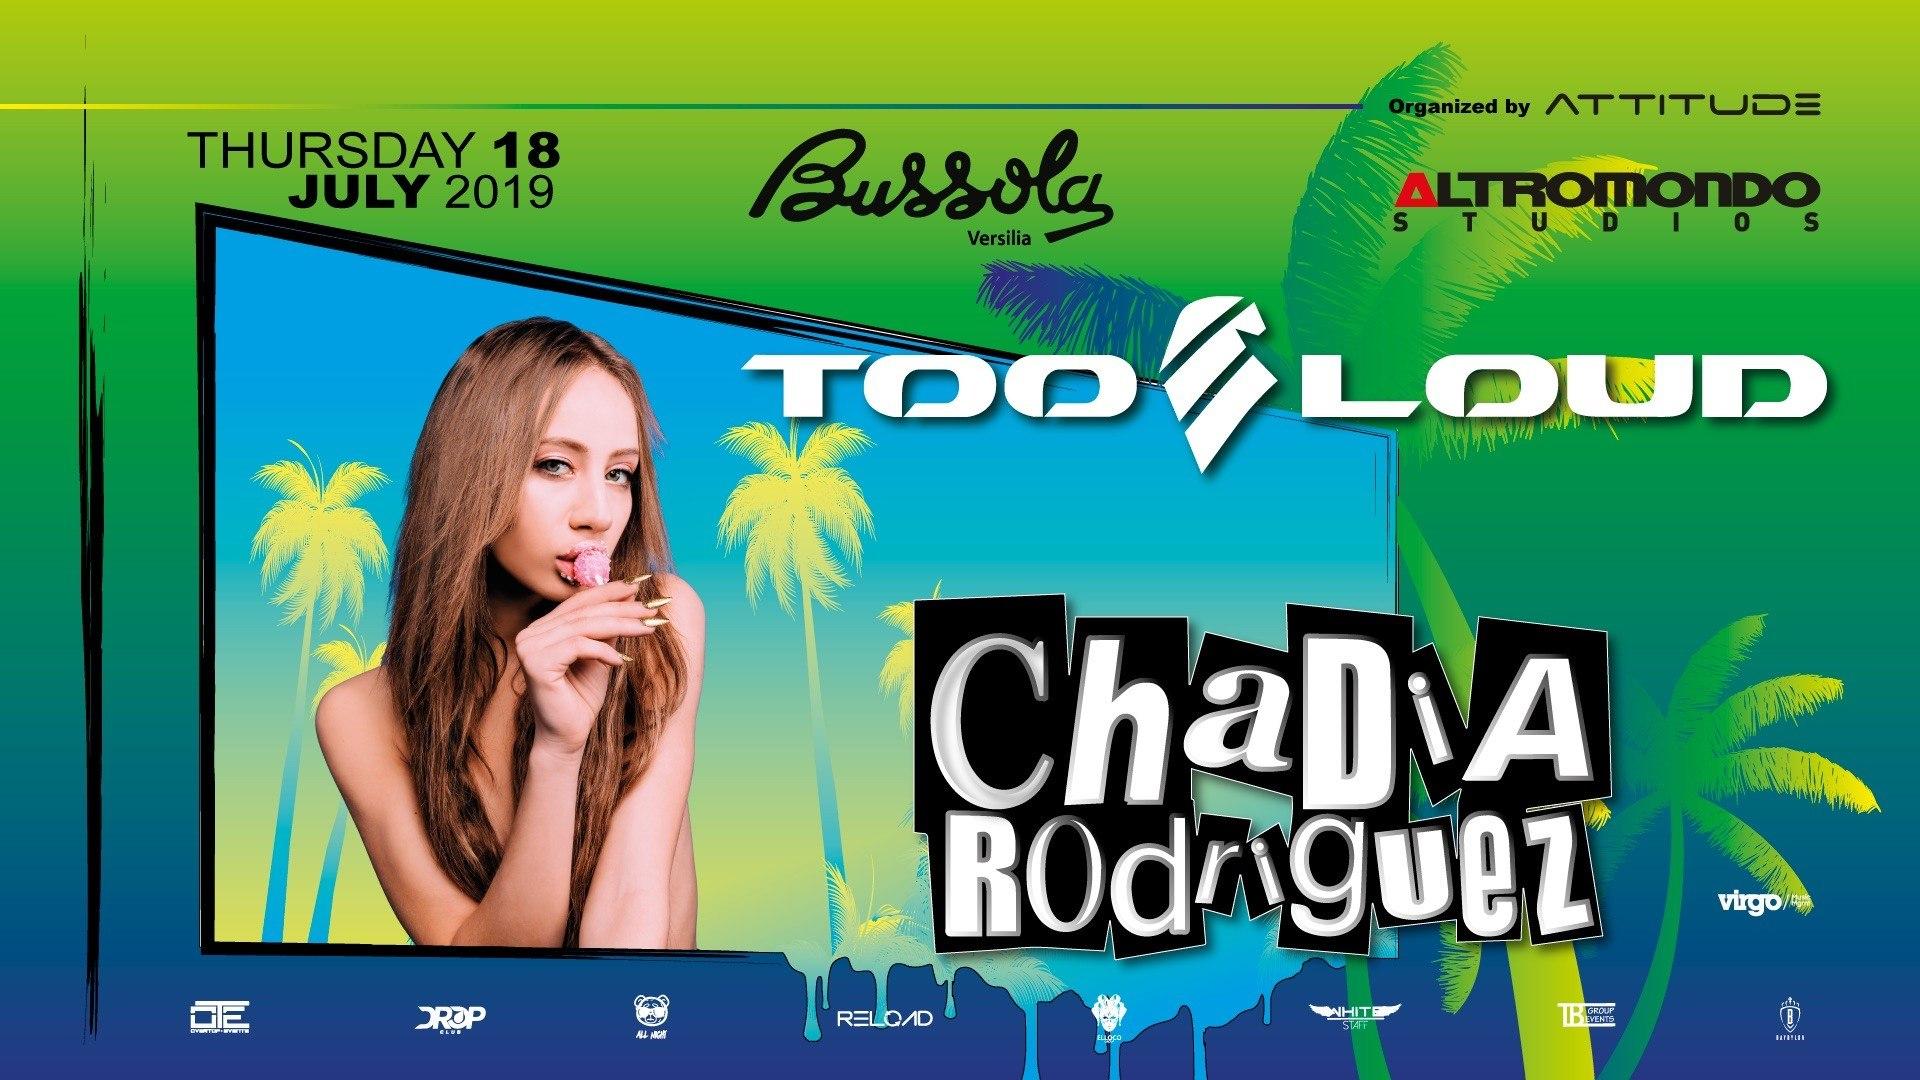 Bussola Versilia – Chadia Rodriguez – Giovedì 18 Luglio 2019 – Ticket e Pacchetti Hotel